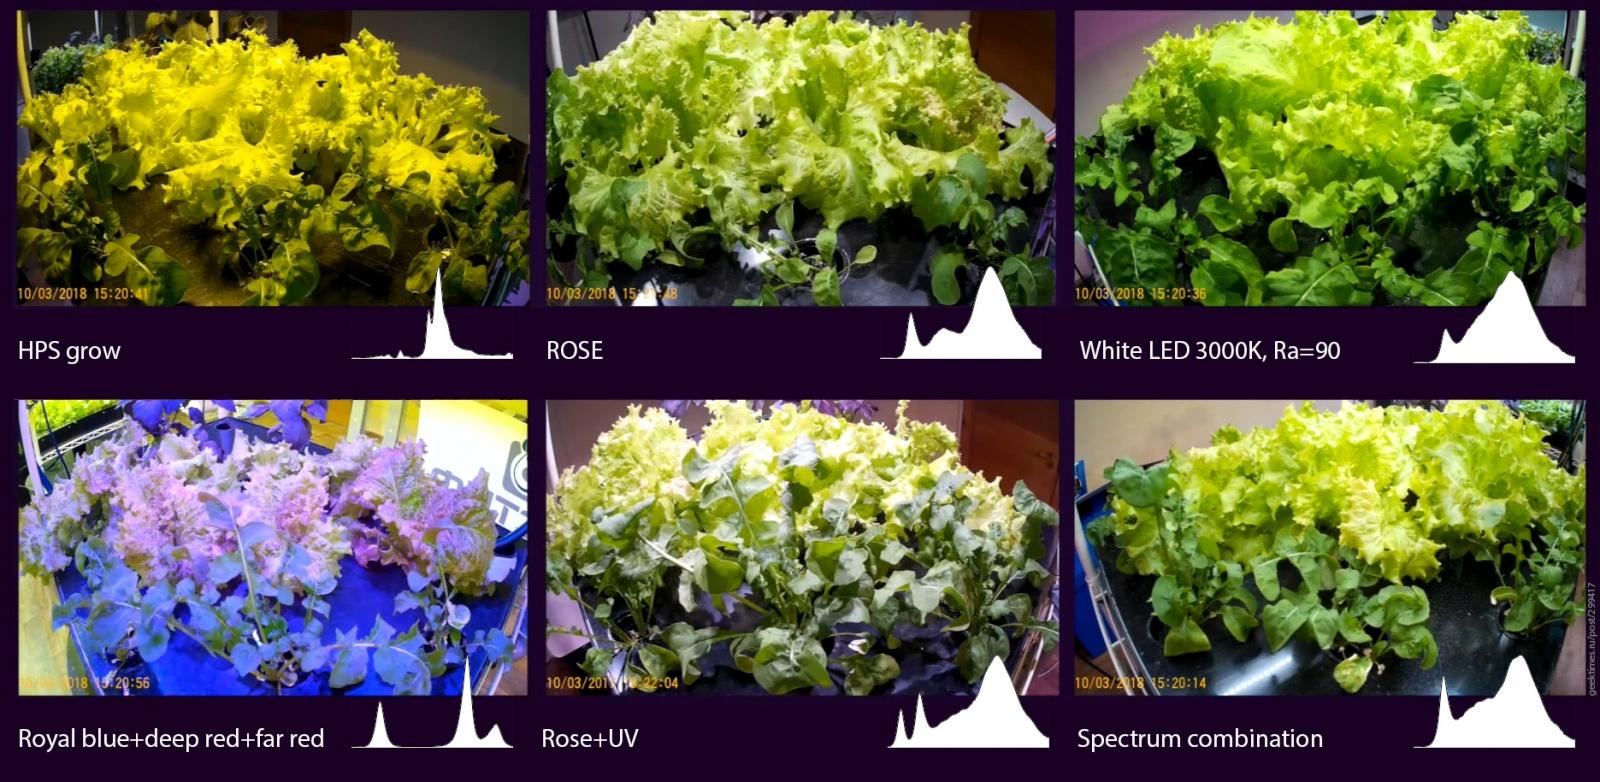 Оценить PPFD при освещении растения белыми светодиодами просто: 1000 лк=15 мкмоль-с-м2 - 2